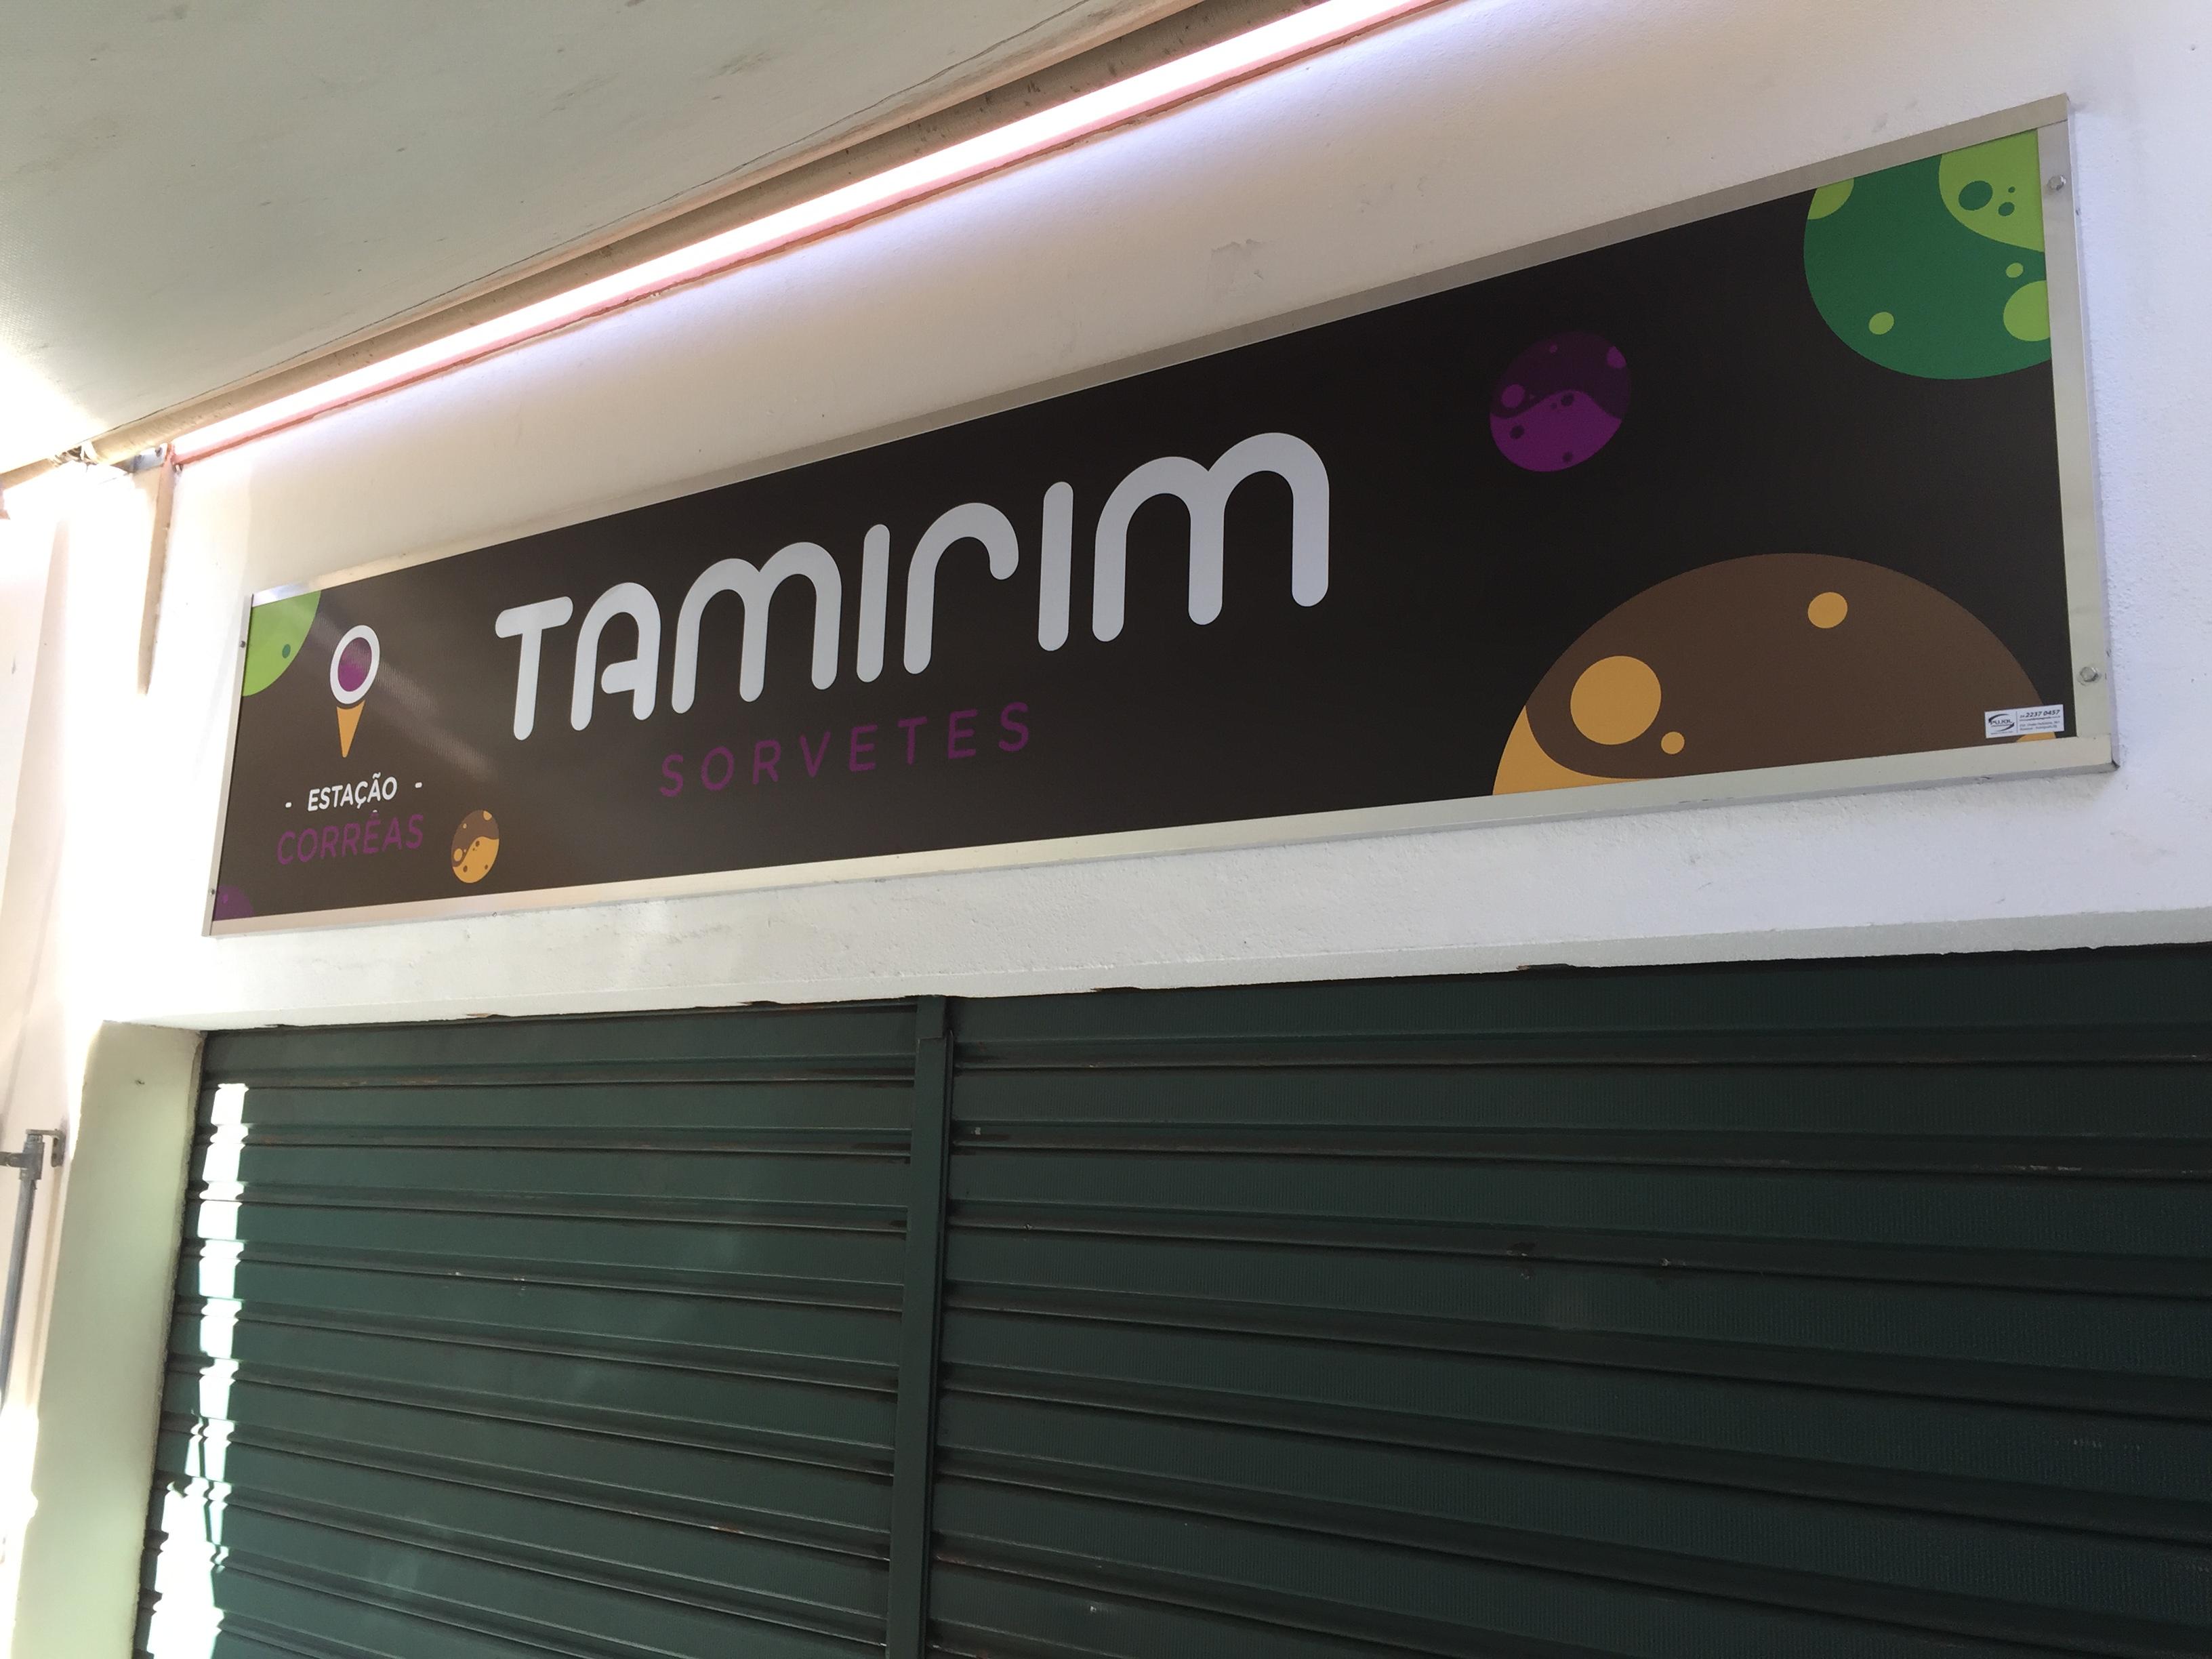 52977 Tamirim Sorvetes (1)